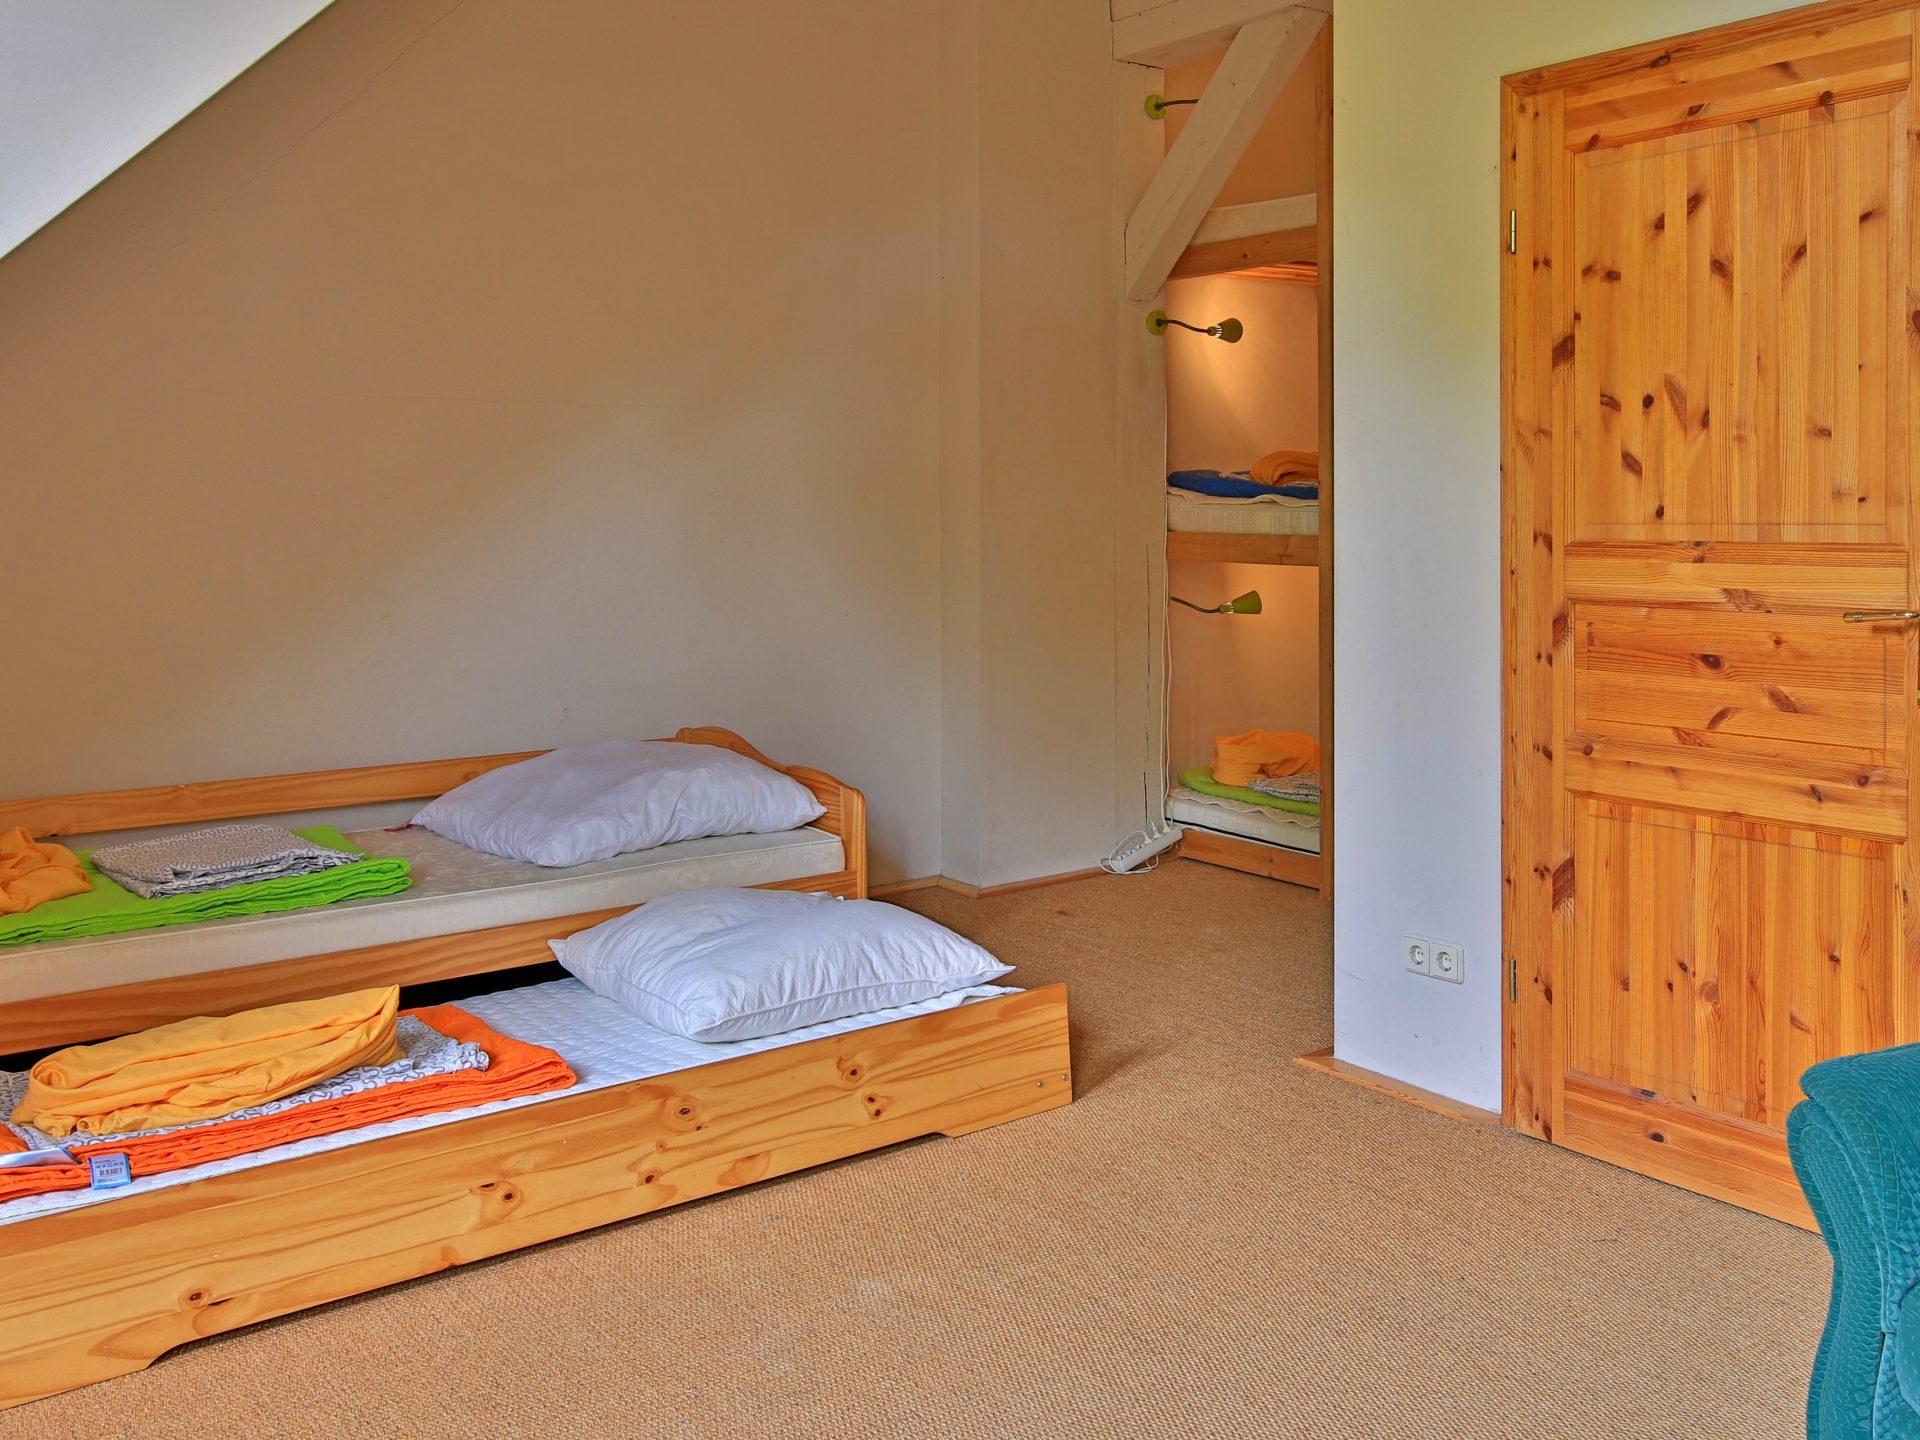 Schlafzimmer mit Auszieh- und Etagenbett